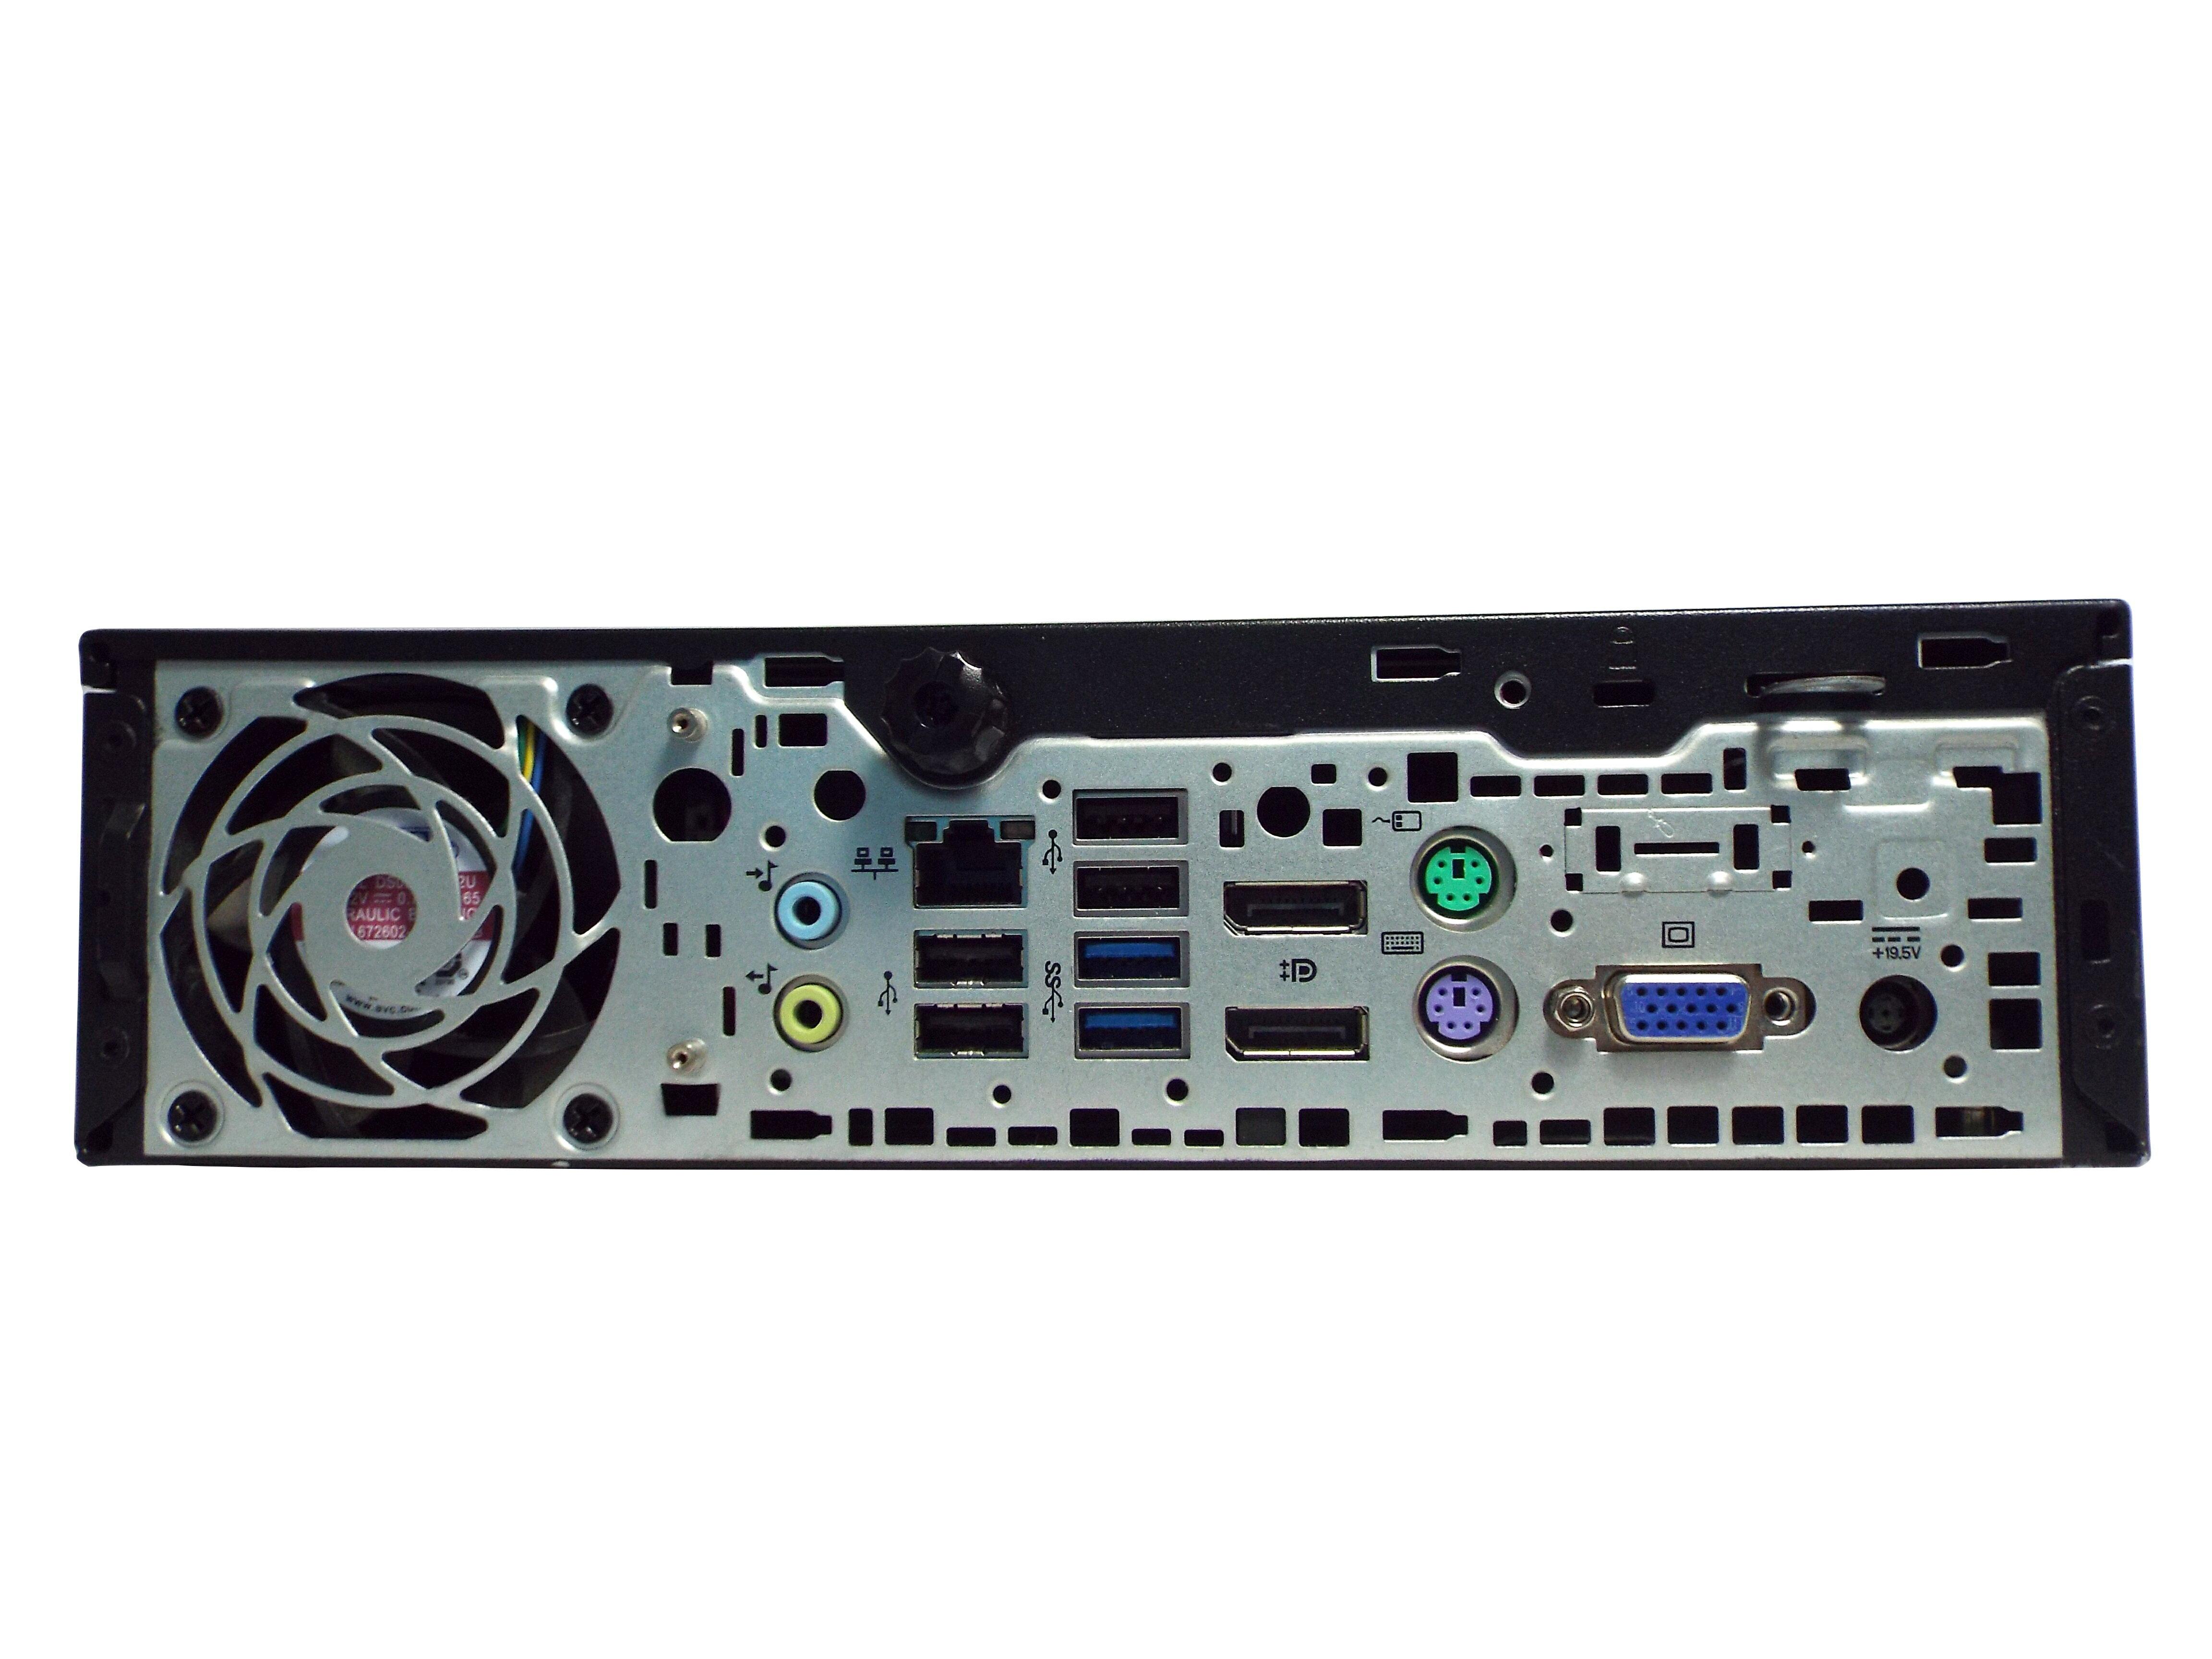 Grade-A HP EliteDesk 800 G1 Ultra Slim Desktop PC, Intel Core i5-4570s  2 9GHz, 8GB DDR3 RAM, 256GB SSD, Win-7 Pro x64